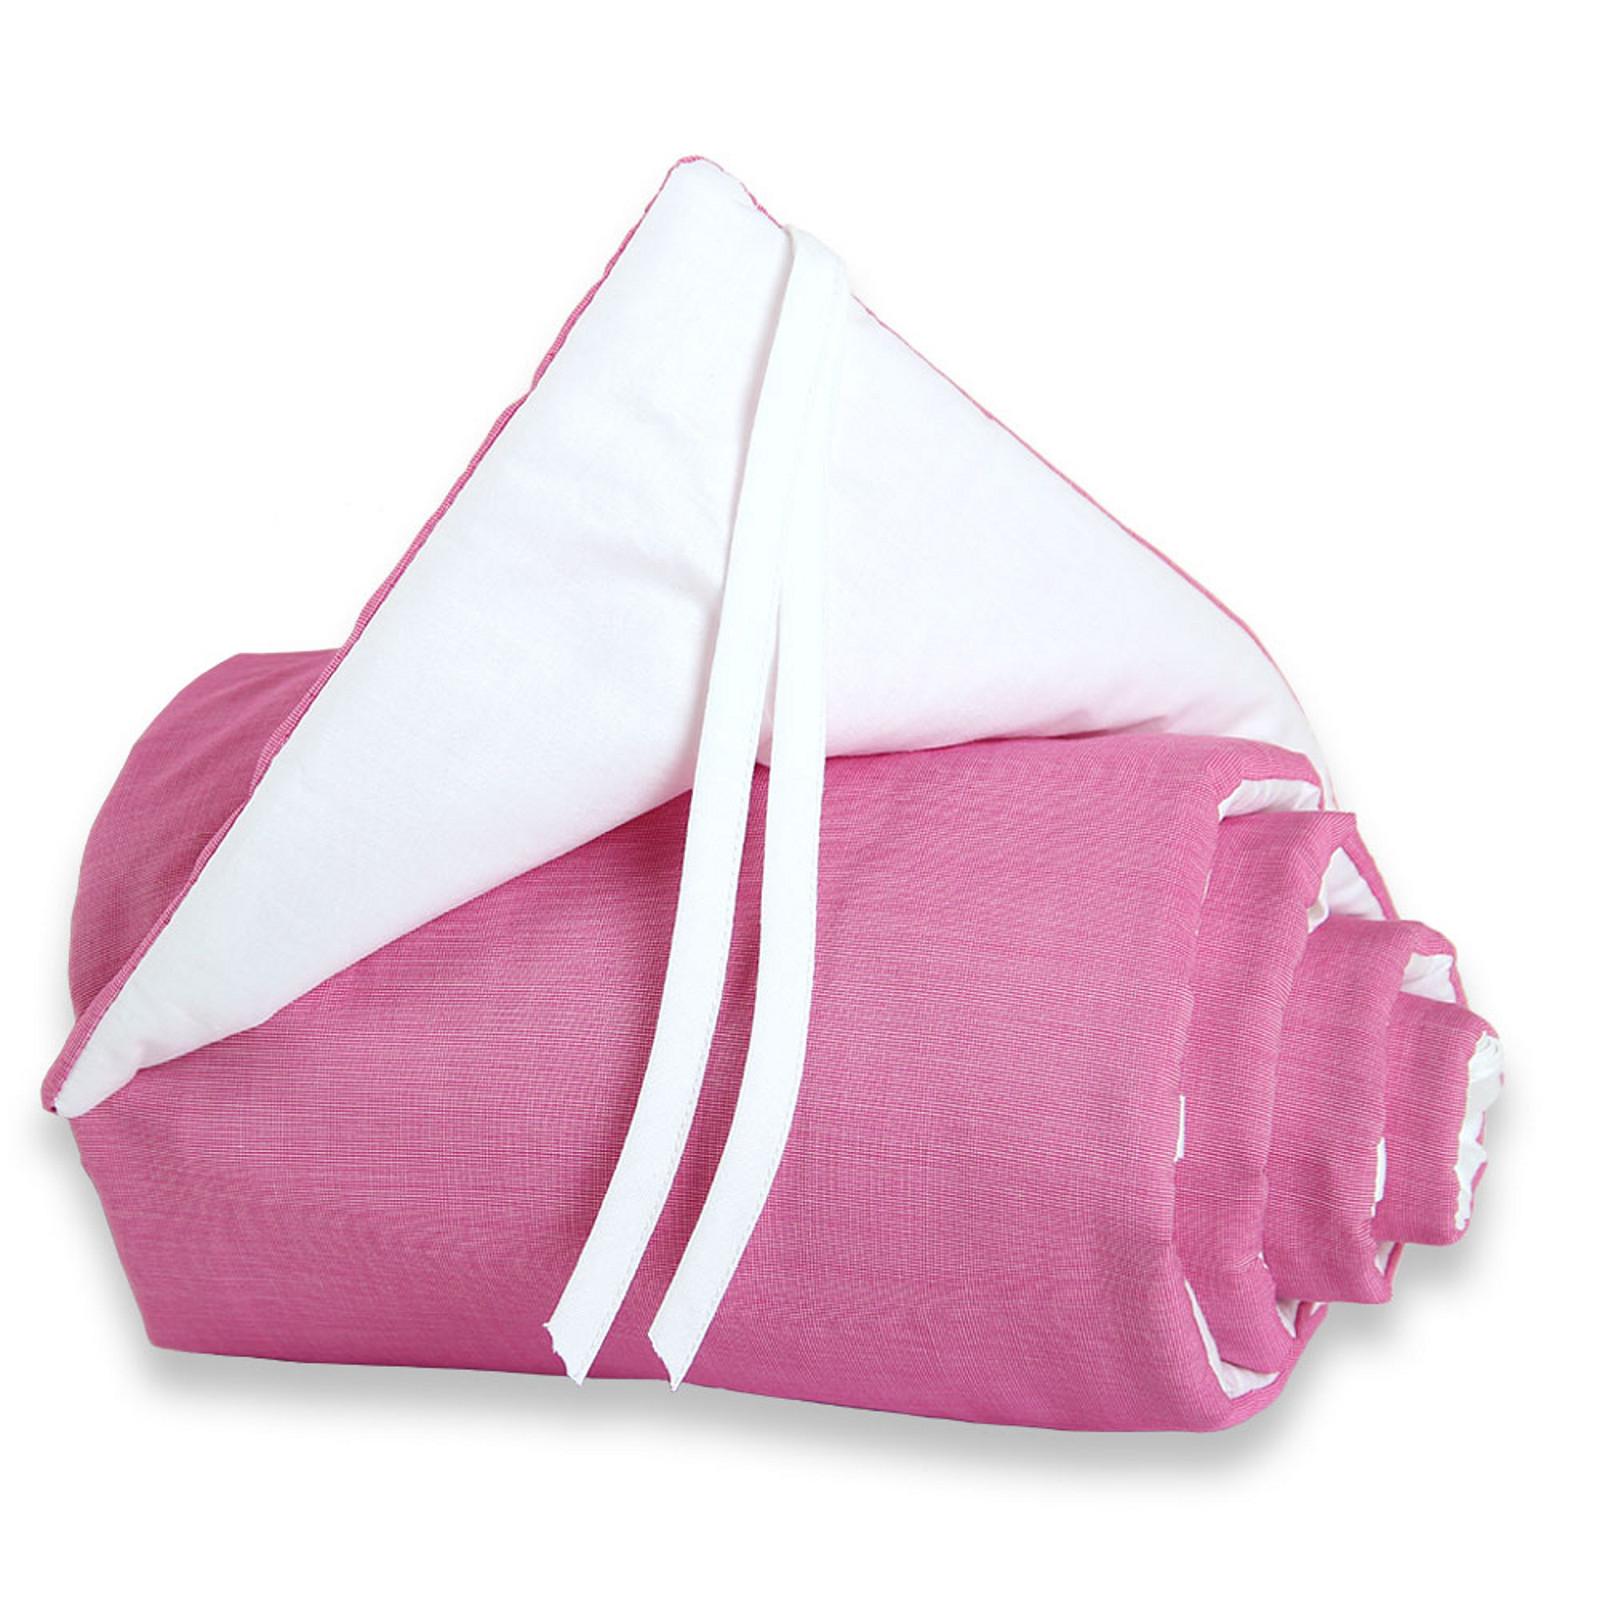 babybay nestchen cotton f r maxi boxspring und comfort pink wei ebay. Black Bedroom Furniture Sets. Home Design Ideas